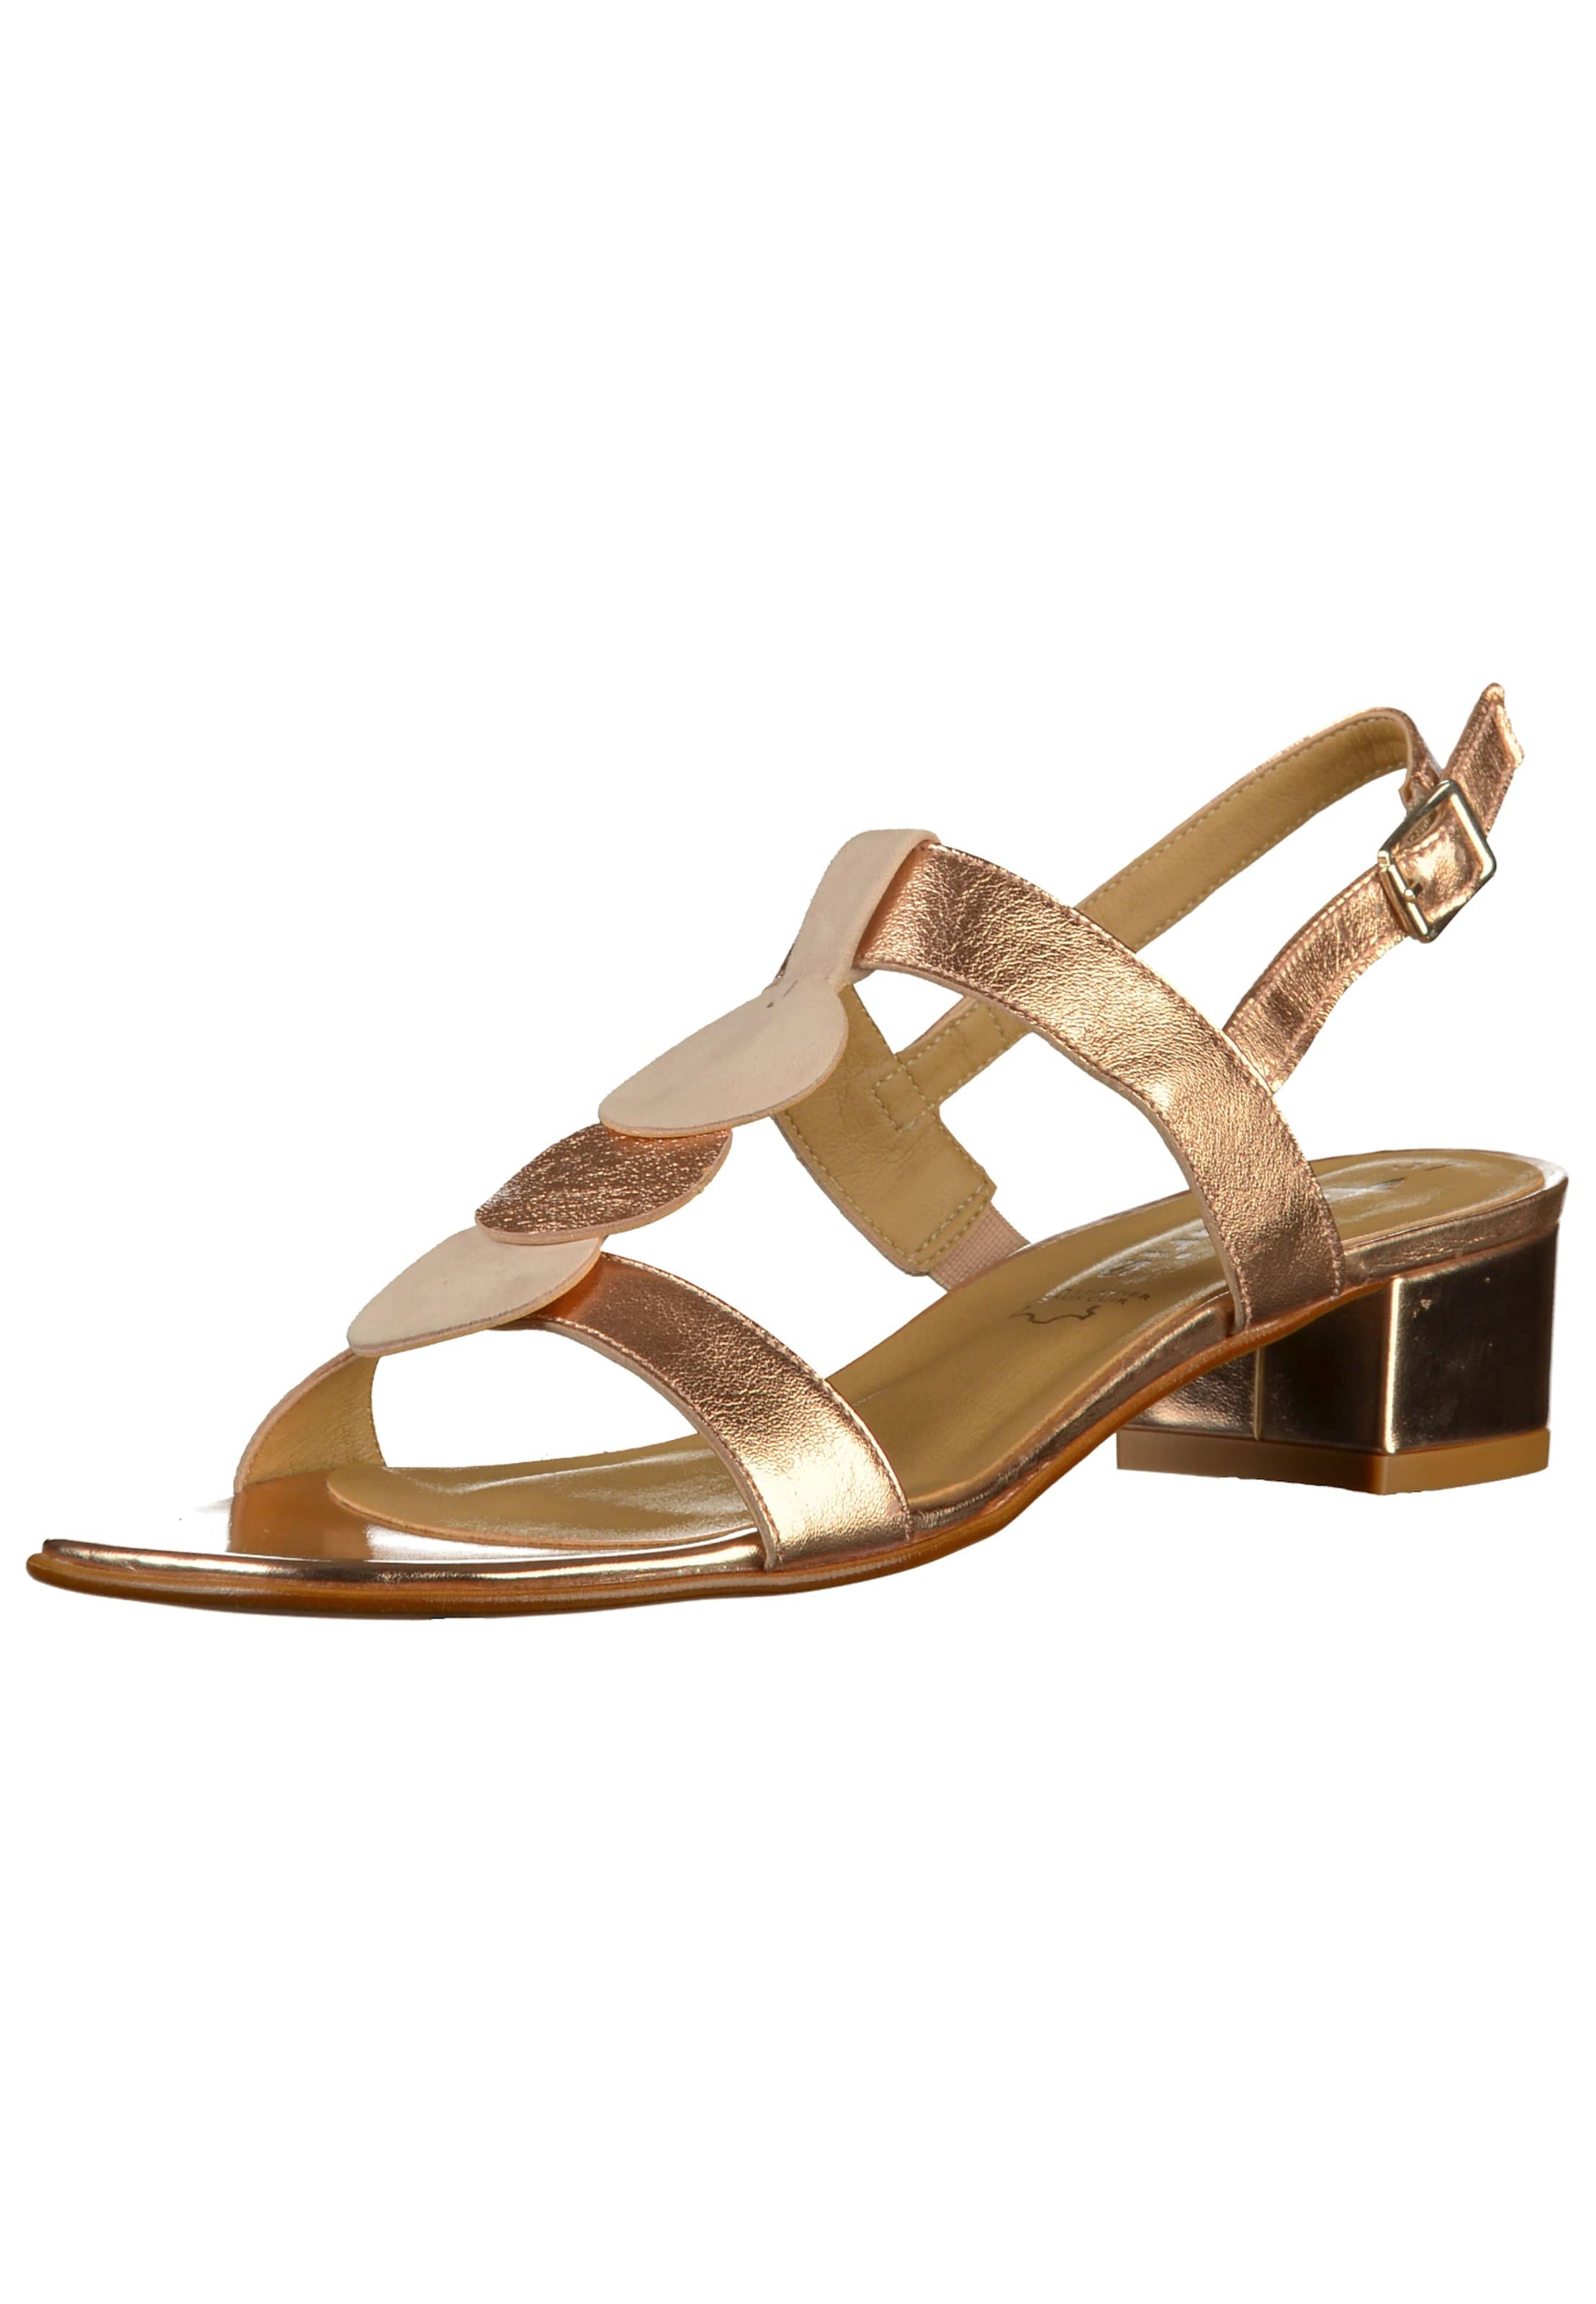 TAMARIS Sandalen Günstige und langlebige Schuhe